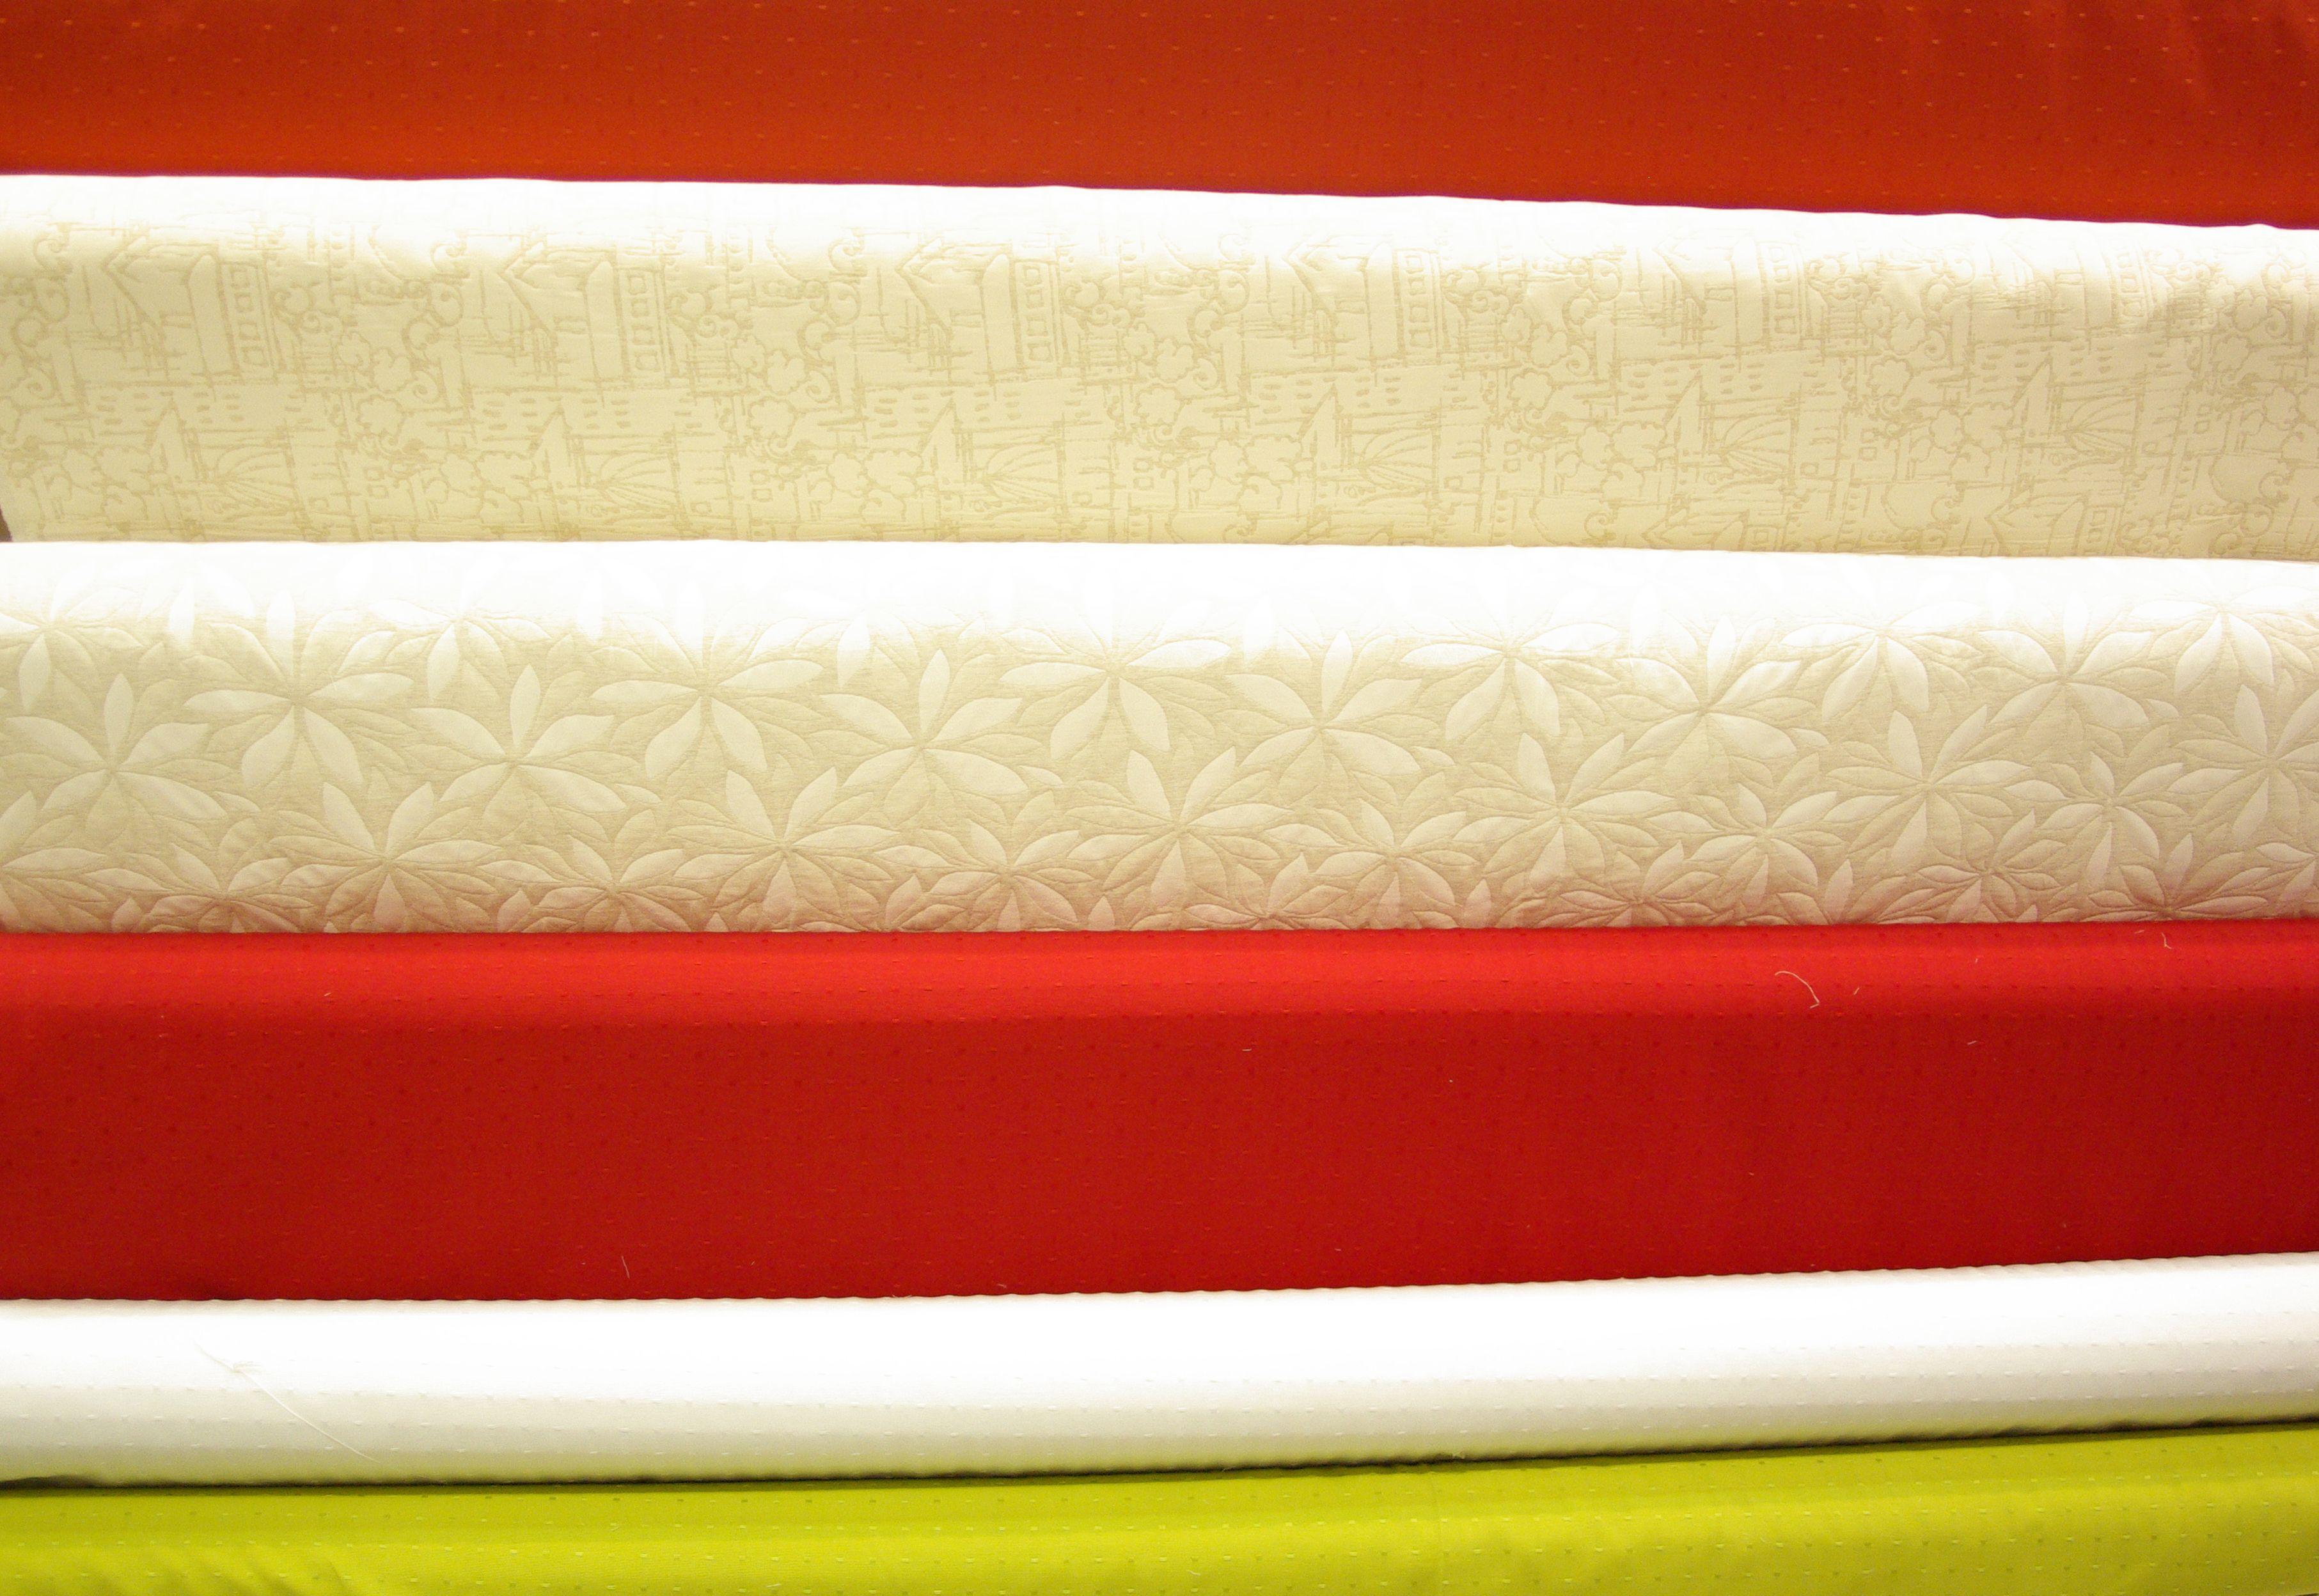 Tissus Grandes Largeur Adaptes Pour Recouvrir Des Fauteuils Des Canapes Etc Disponibles Au R Recouvrir Un Fauteuil Tissu Grande Largeur Tissus Ameublement